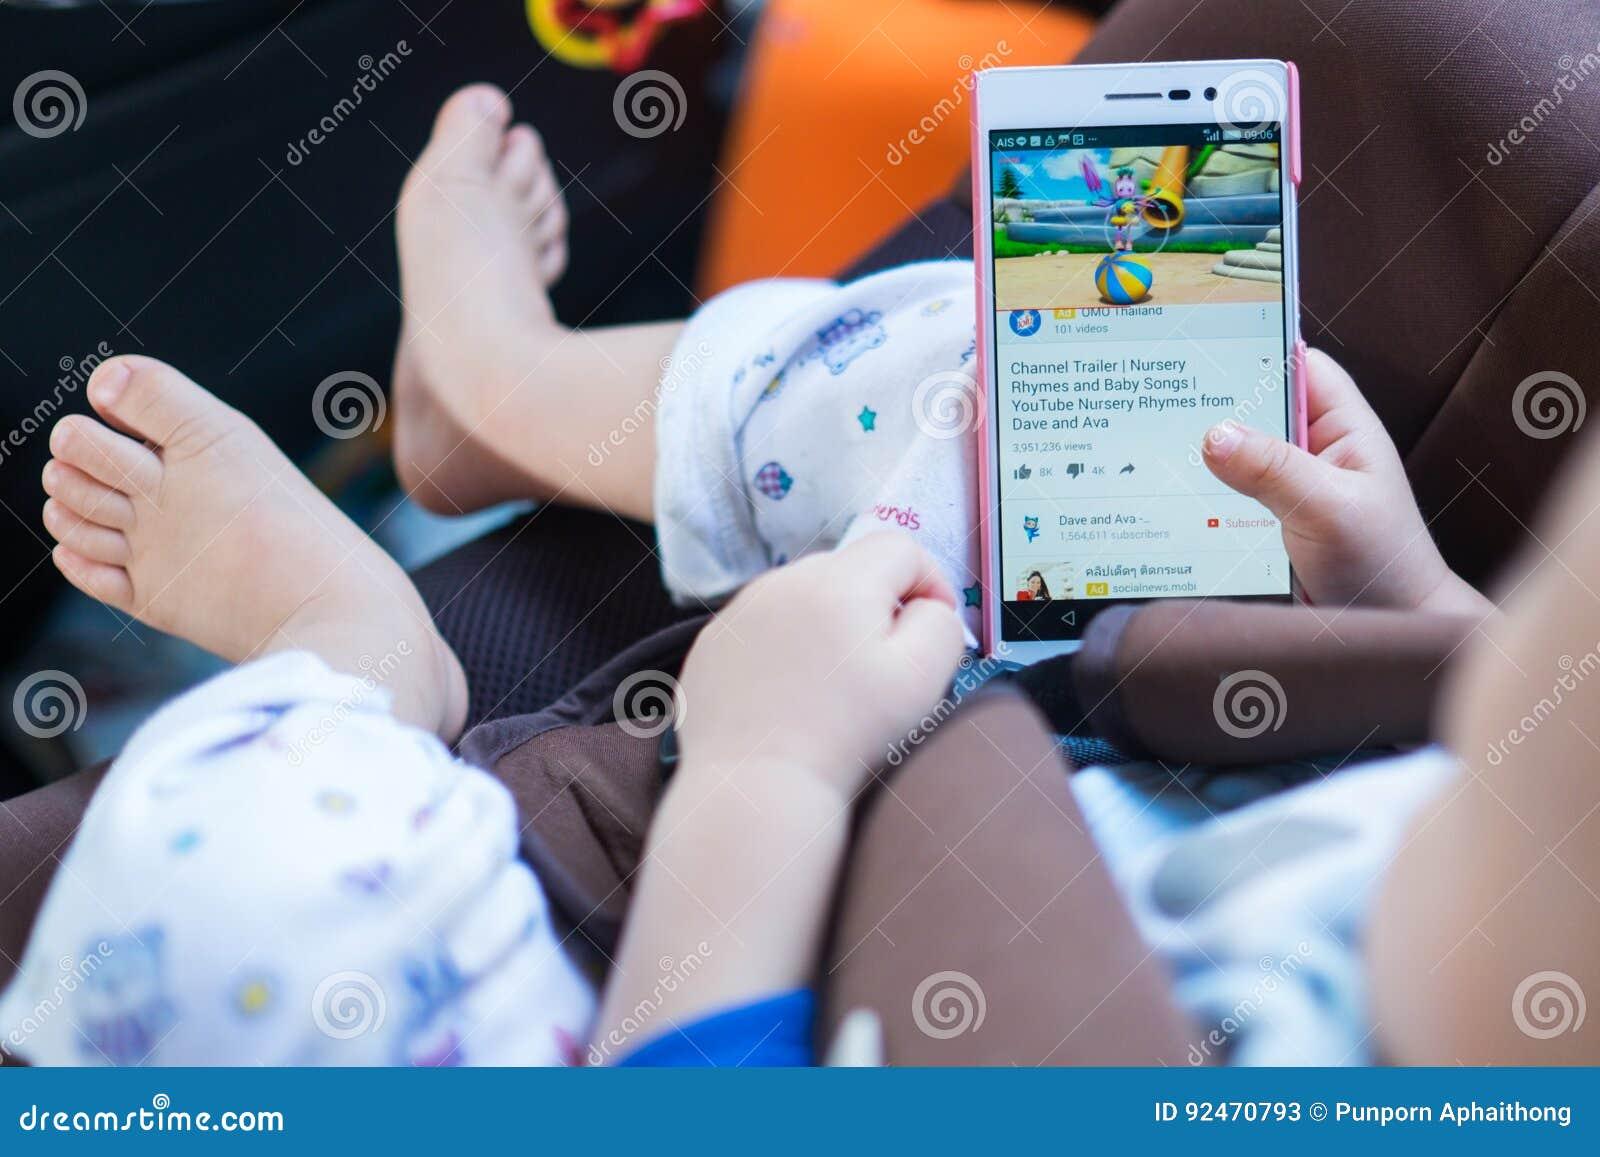 petite mobile porn